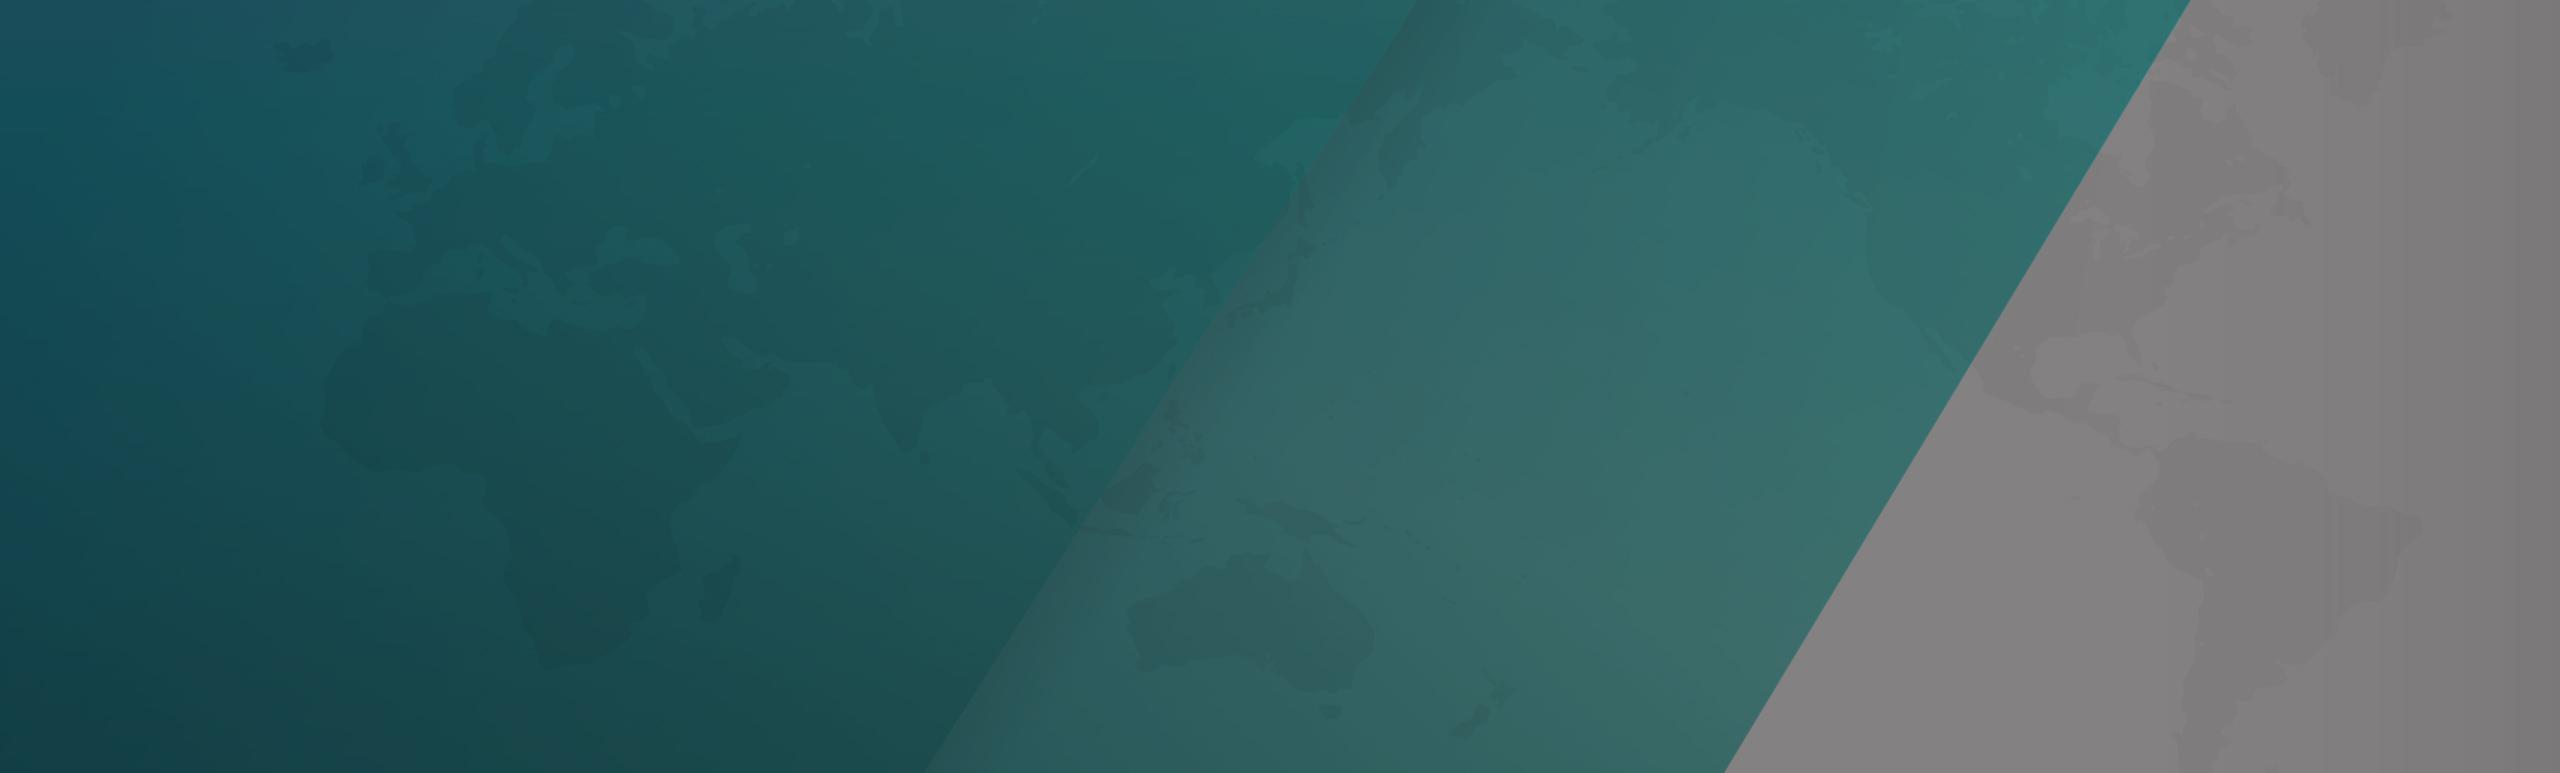 agave機能ガイドセミナーEA